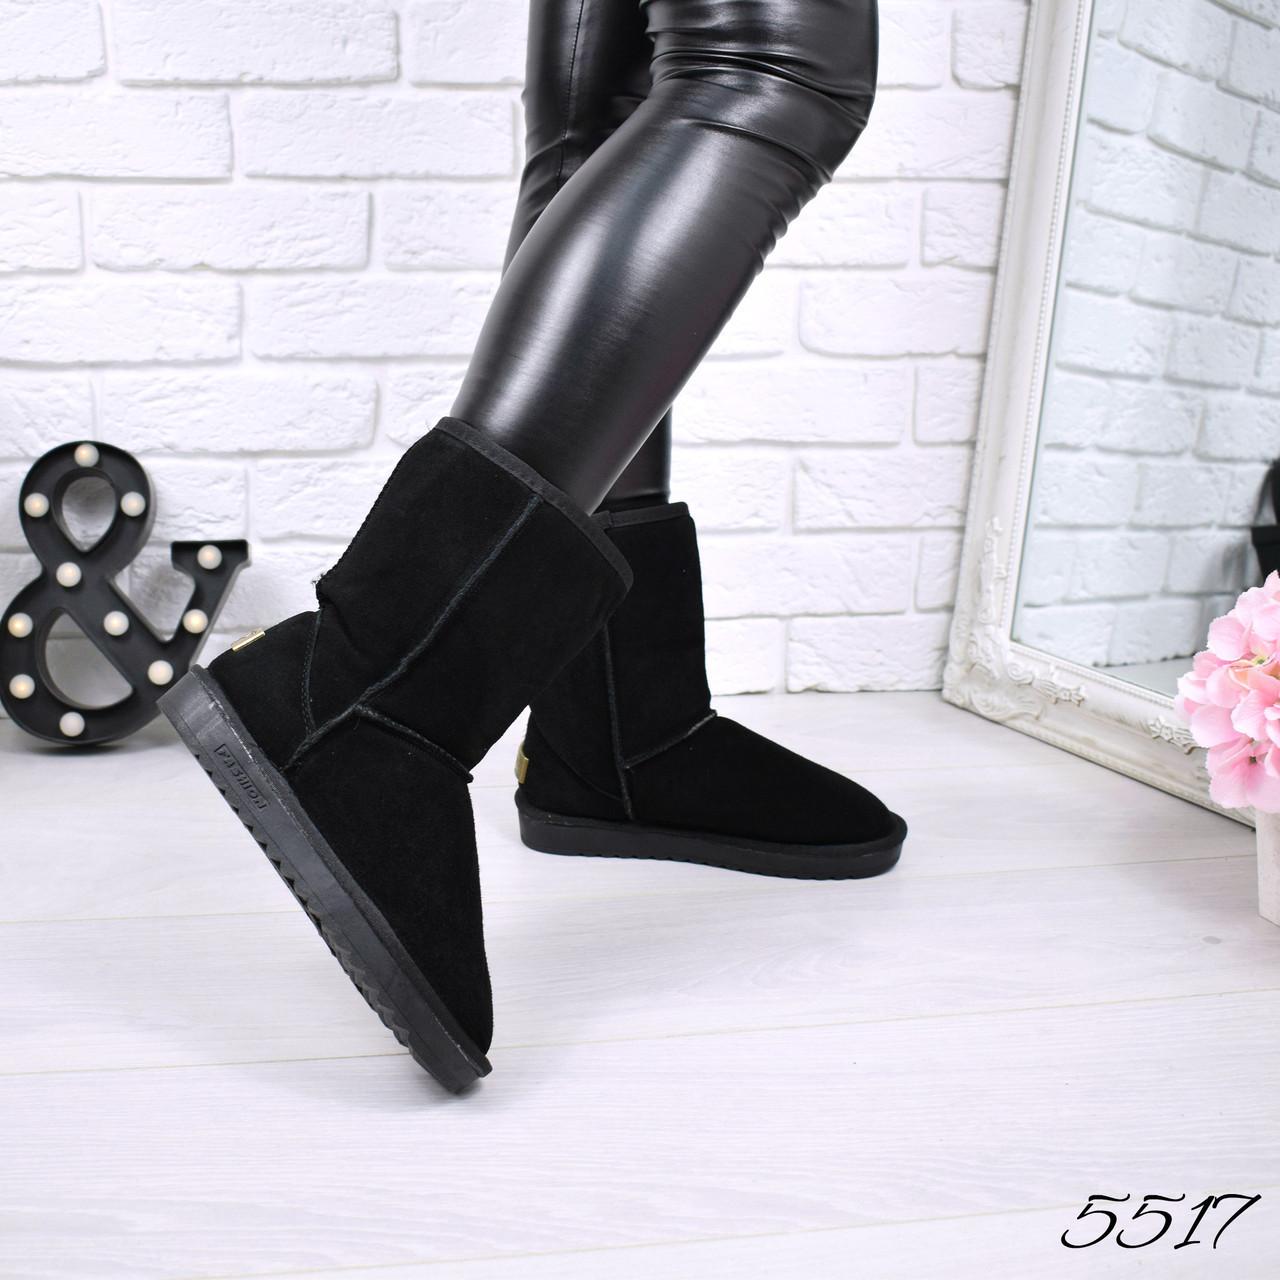 c8ee198d87bd Угги женские UGG натуральная замша 5517 размер зимняя обувь -  Интернет-магазин